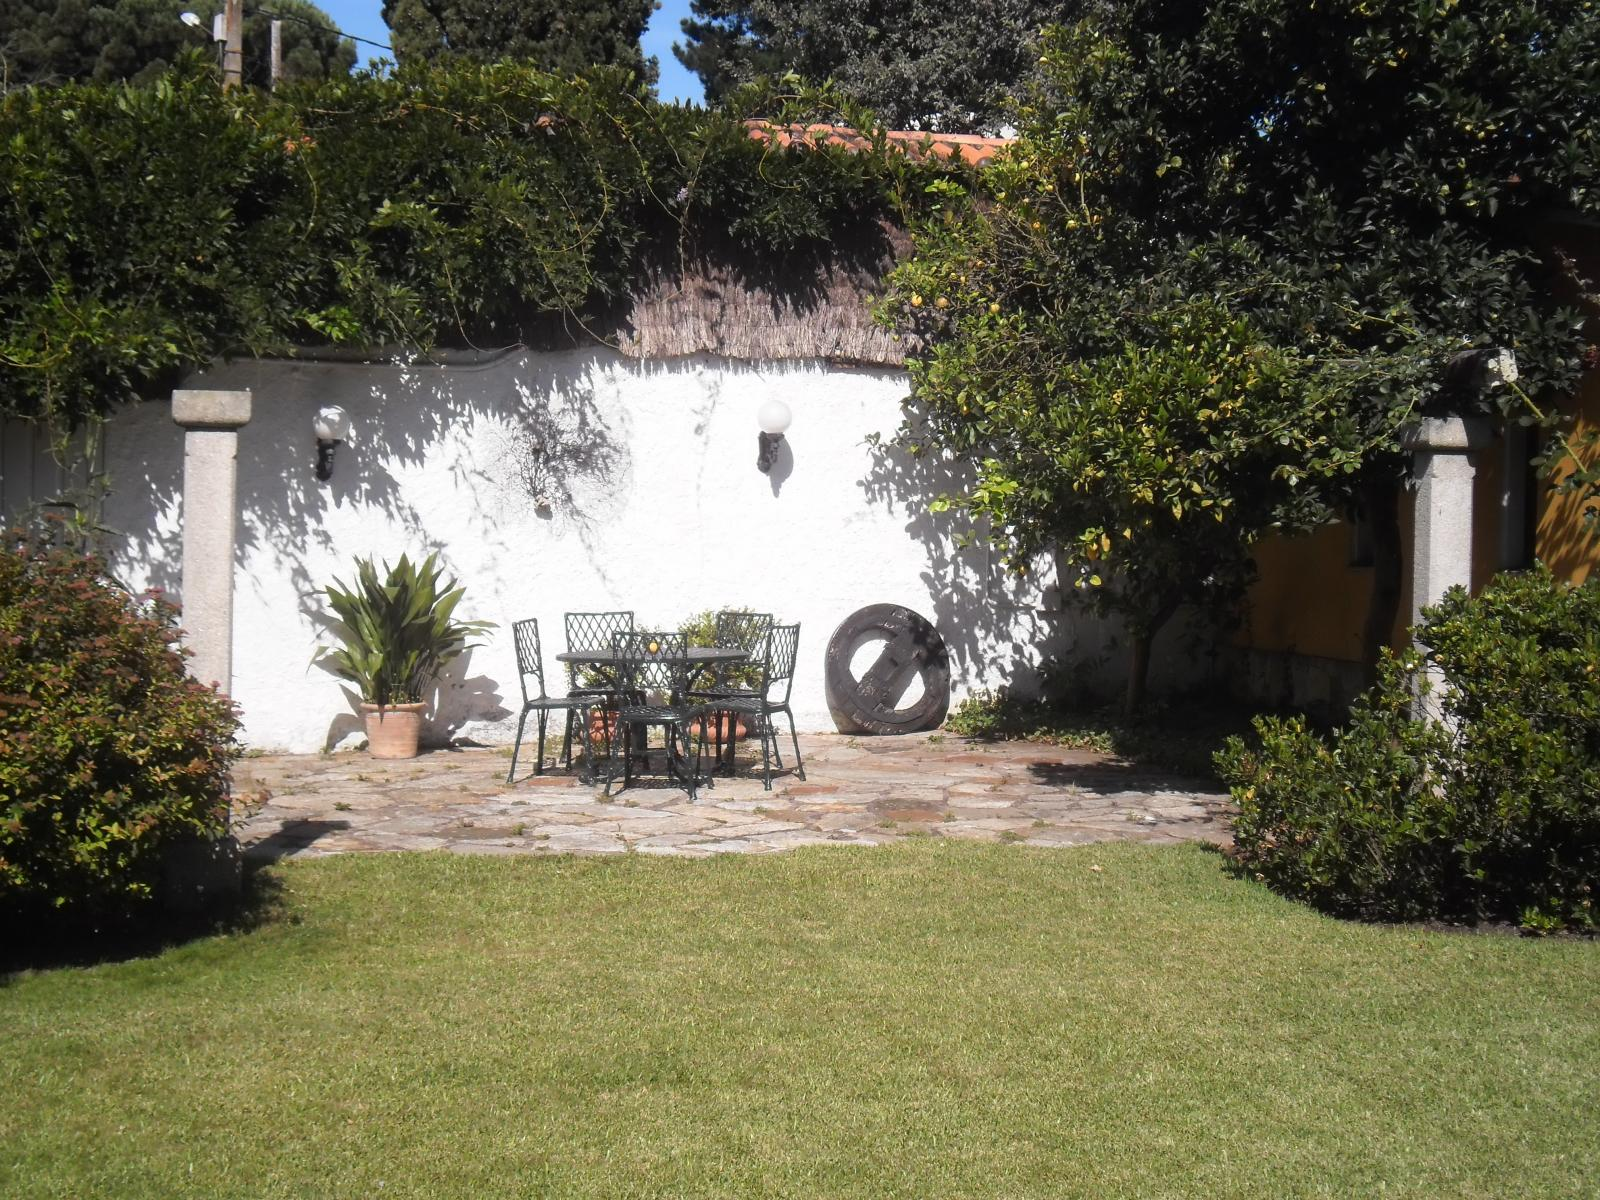 Foto 29 - Chalet independiente en venta en Oleiros, Ref: 1825929